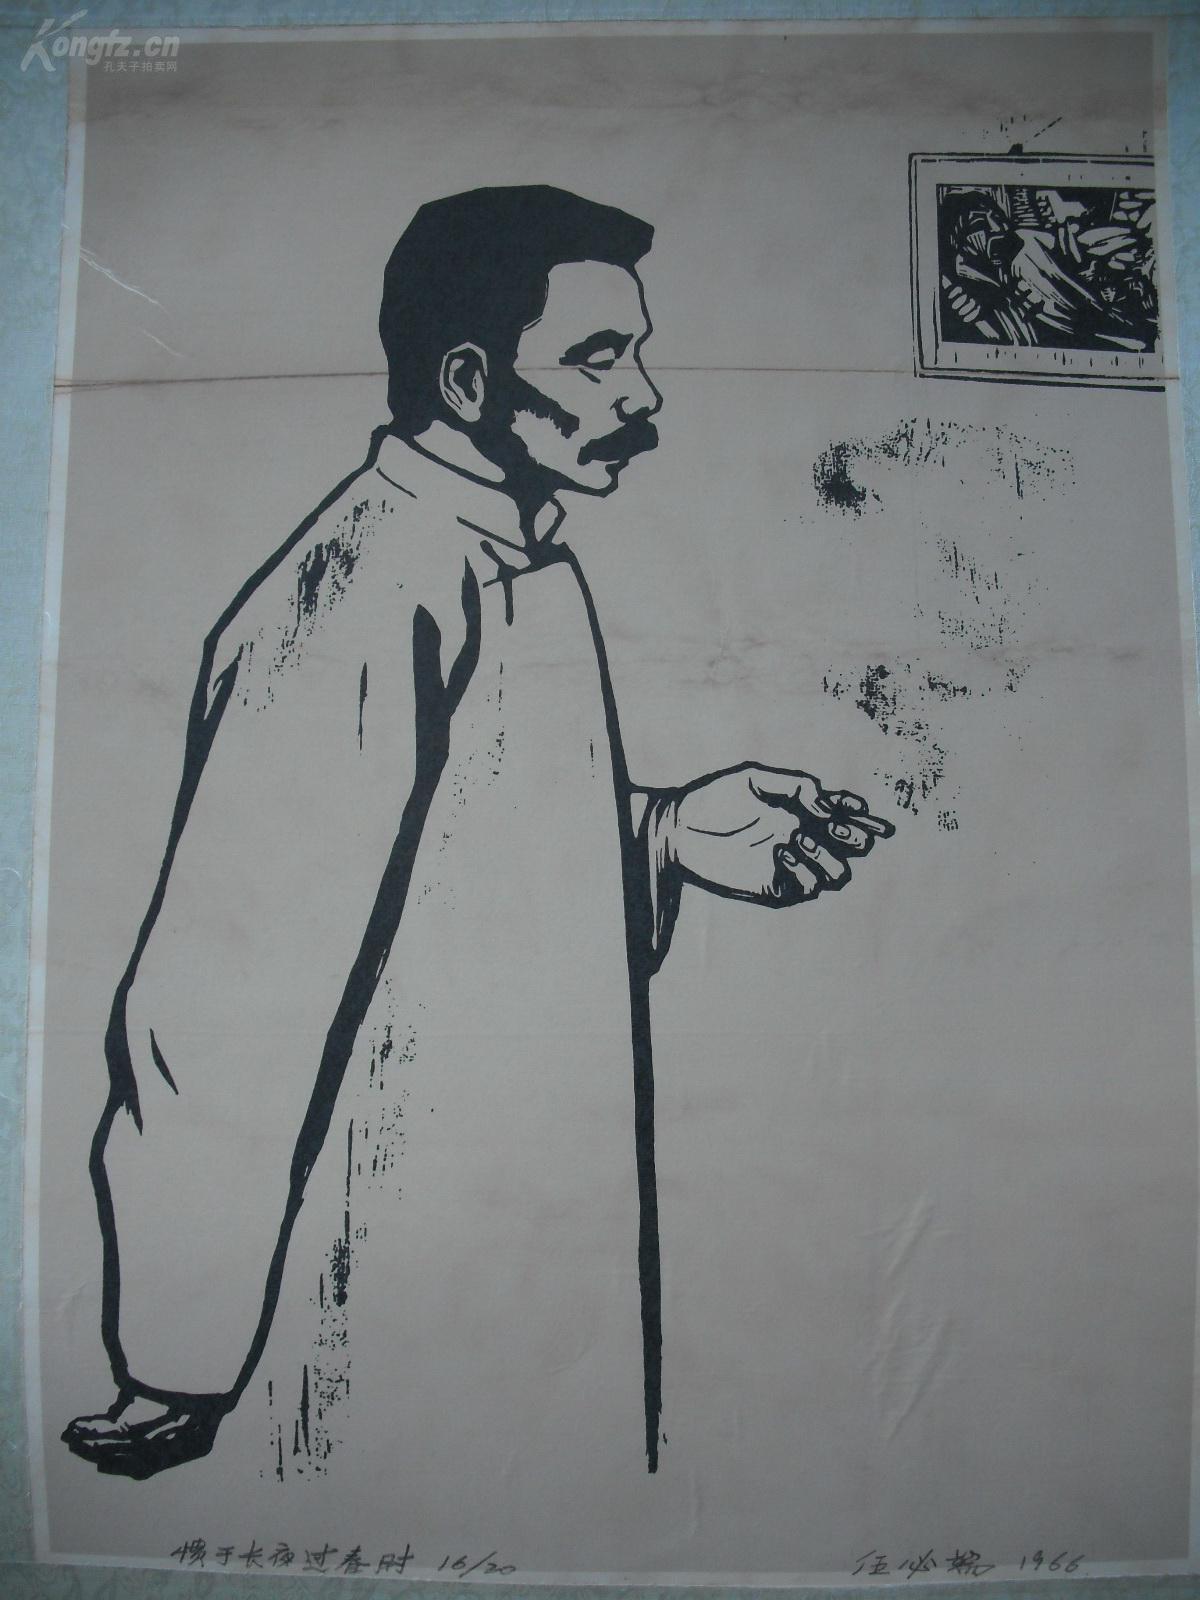 【图】精品黑白木刻版画 惯于长夜过春时 61X